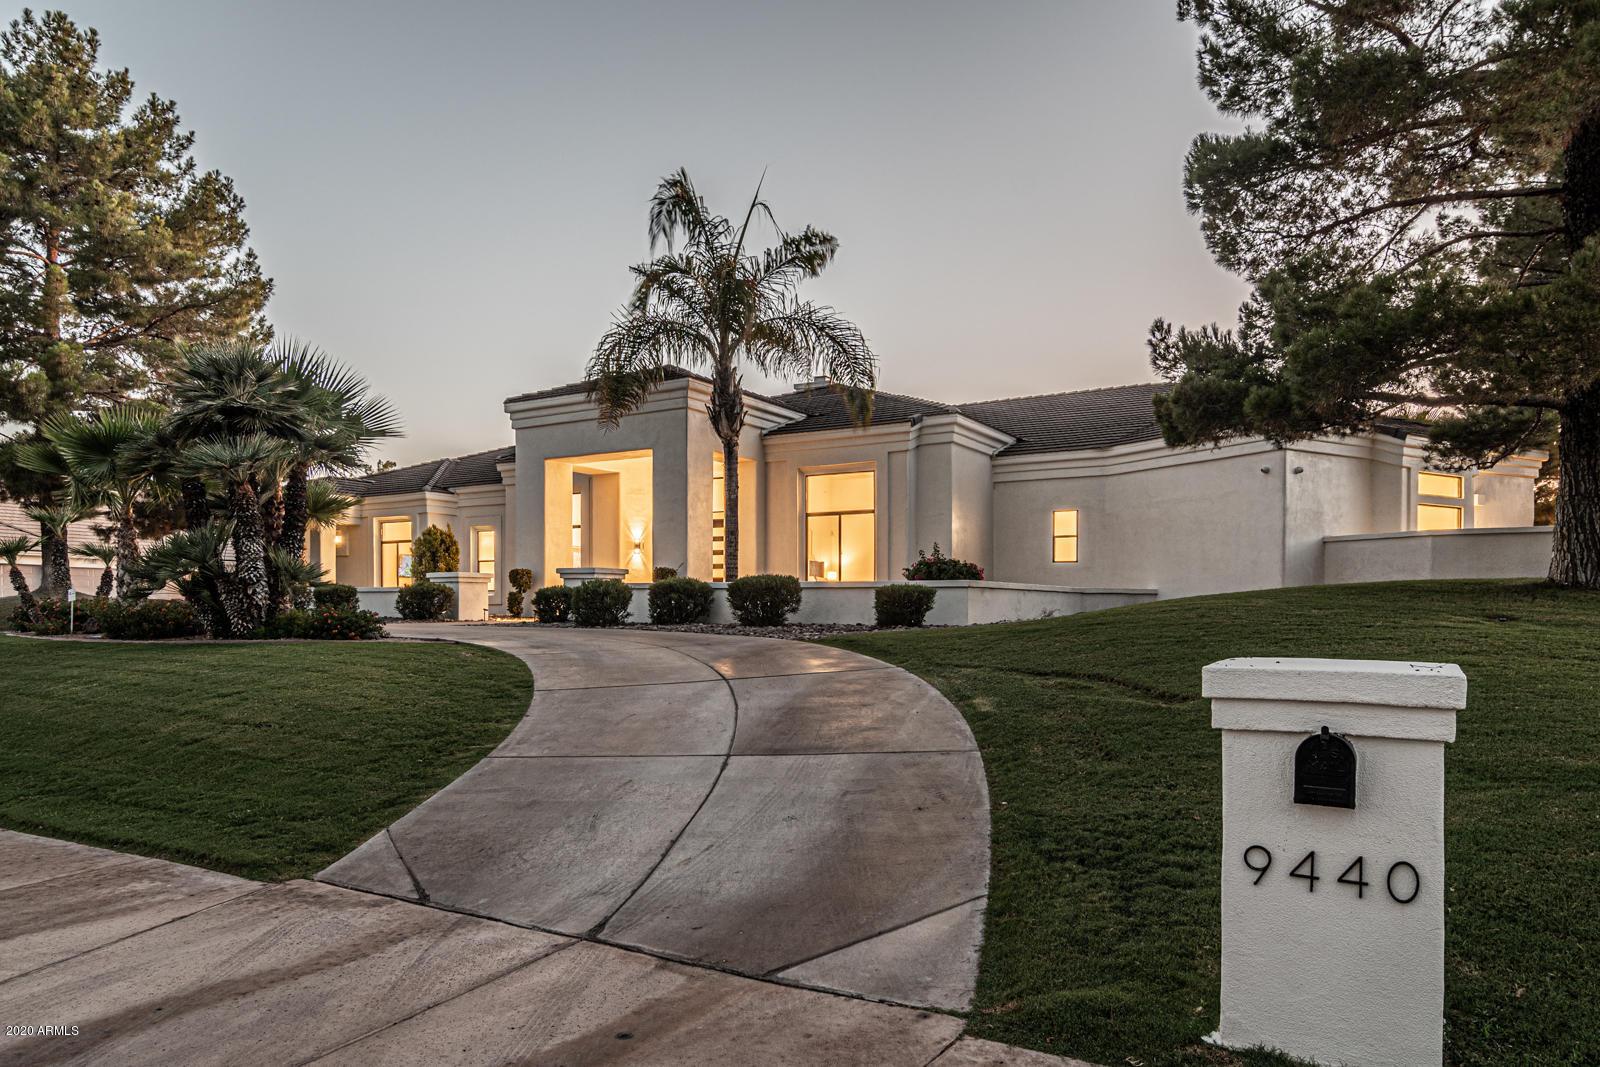 9440 N 57th Street, Paradise Valley AZ 85253 - Photo 1